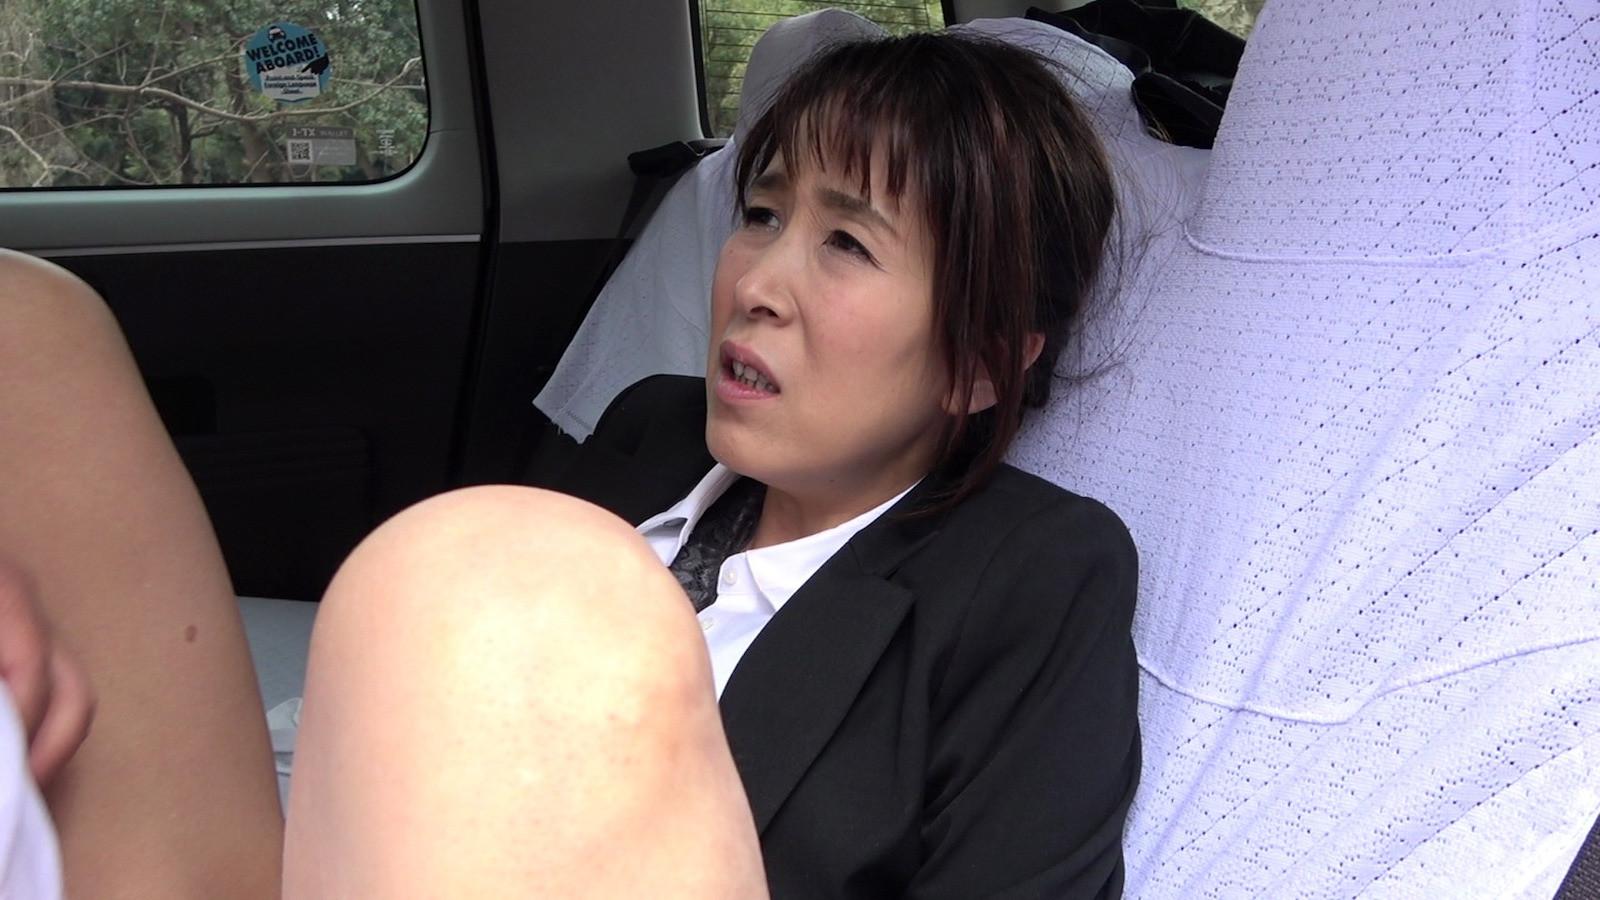 元タクシー女運転手 ~告白実話ドラマ~ 冴木塔子 画像16